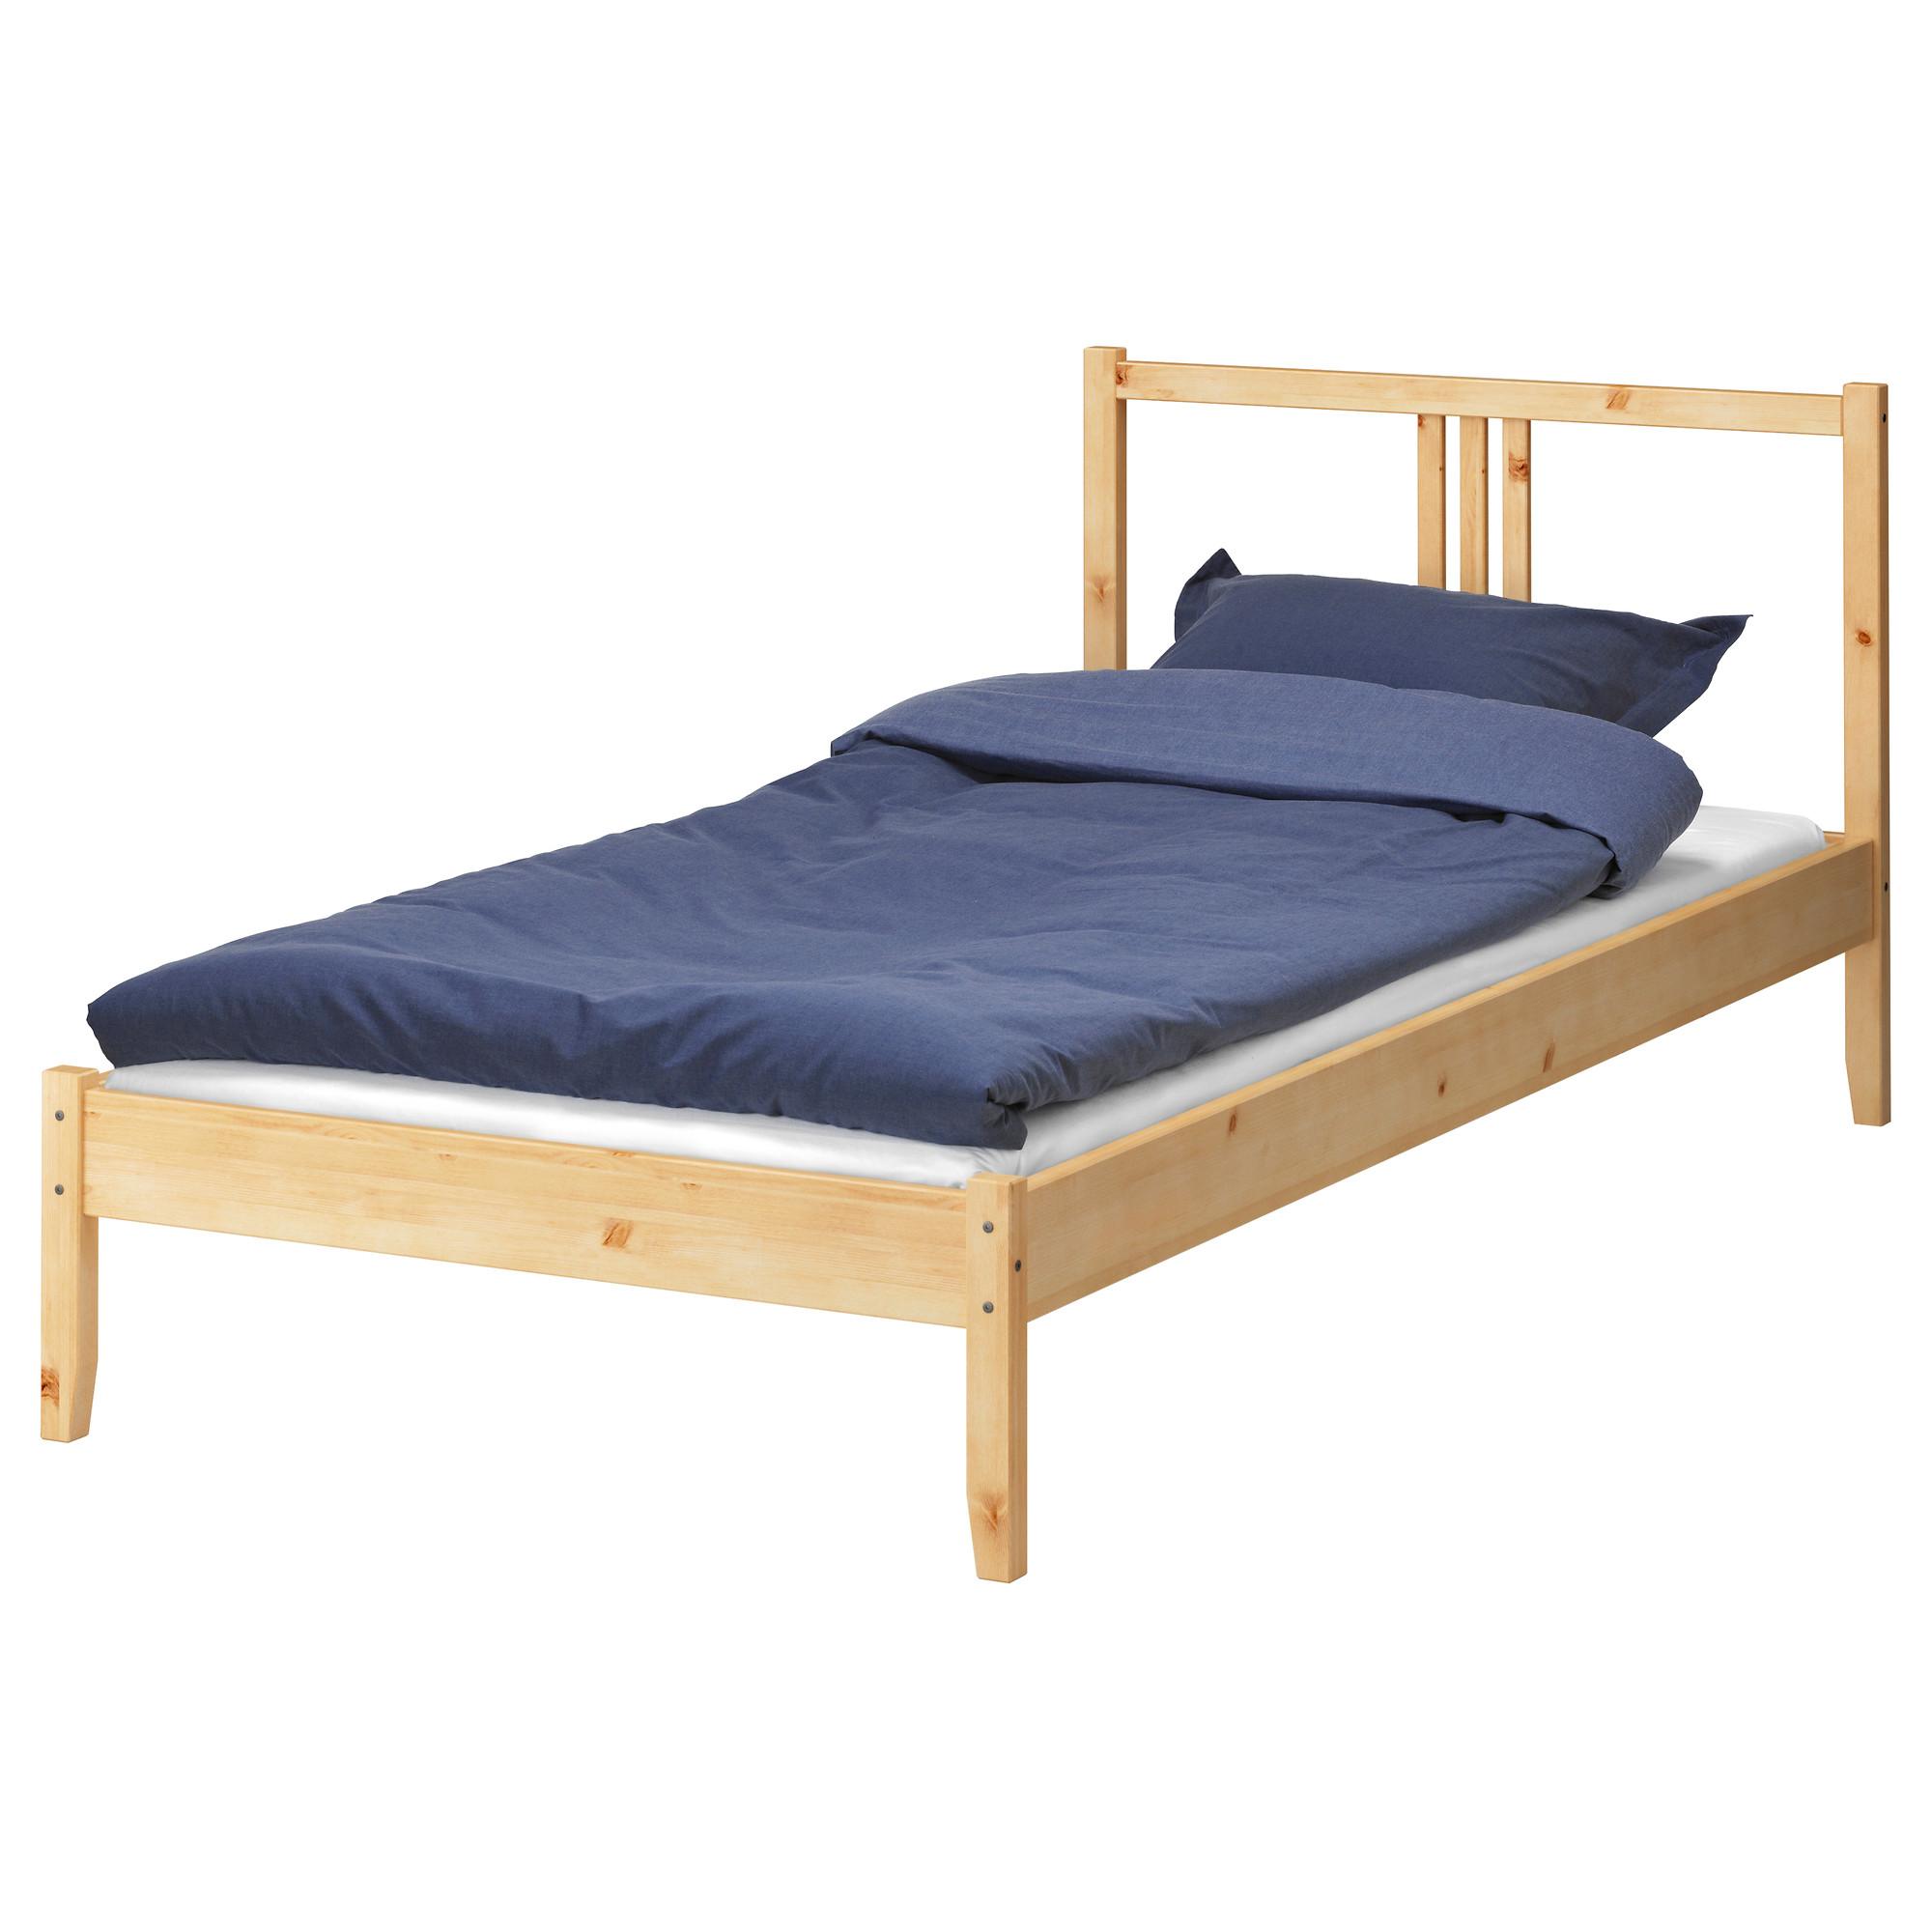 上海イケアikea費奥松木ベッドの枠90cm幅にメートル寝室シングルベッド国内代購